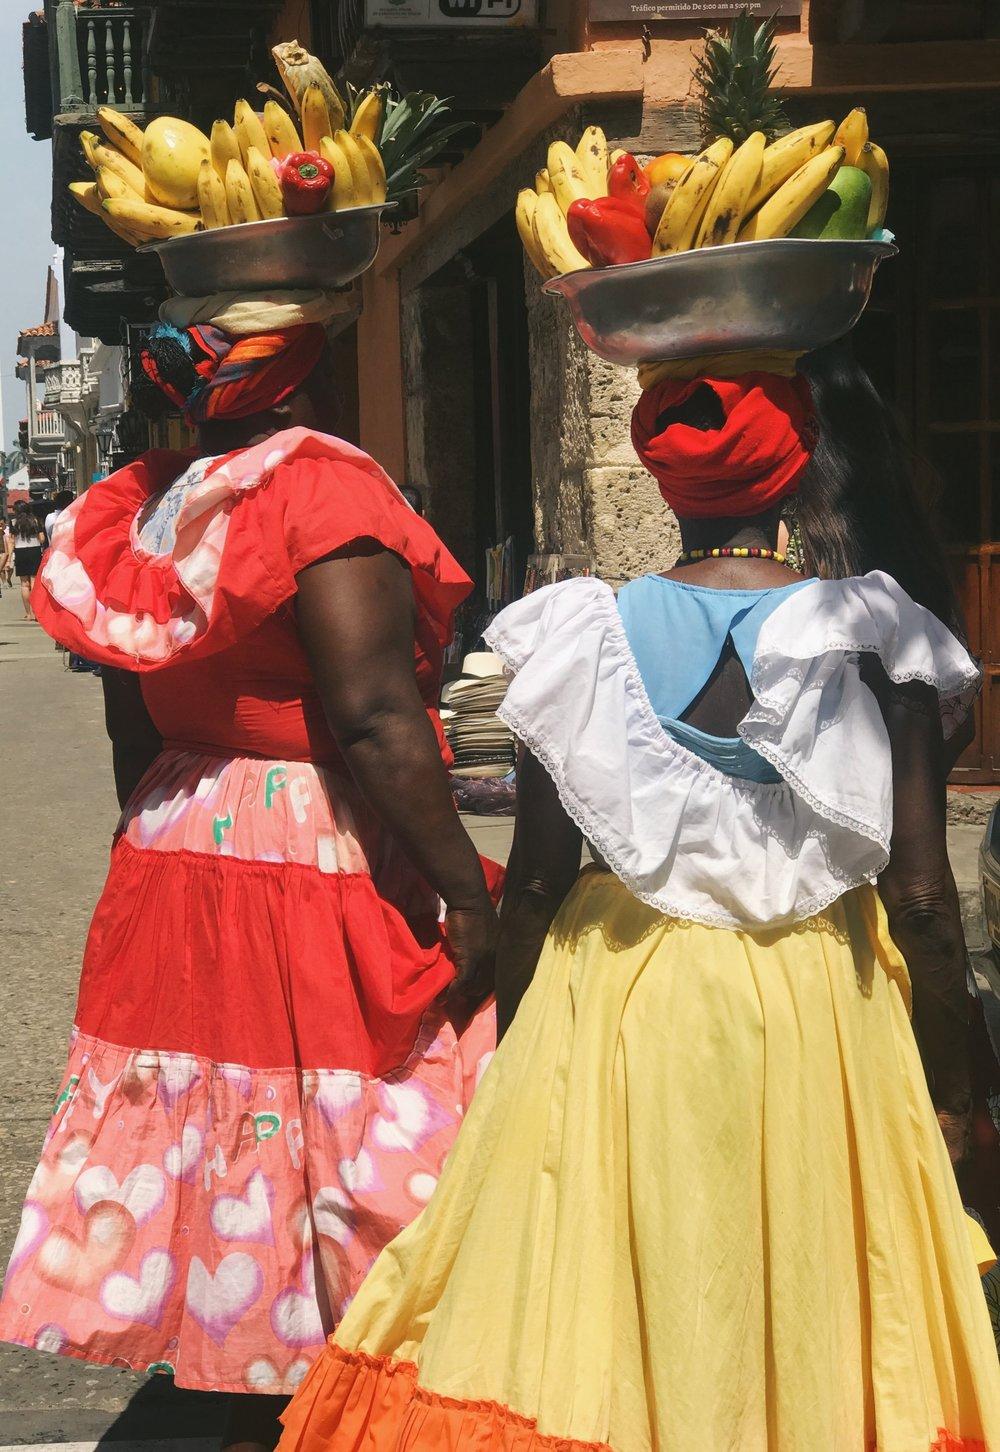 FRUTA Y FALDAS |  WOMEN DRESSED IN BRIGHT, RUFFLED SKIRTS SELLING FRESH FRUIT